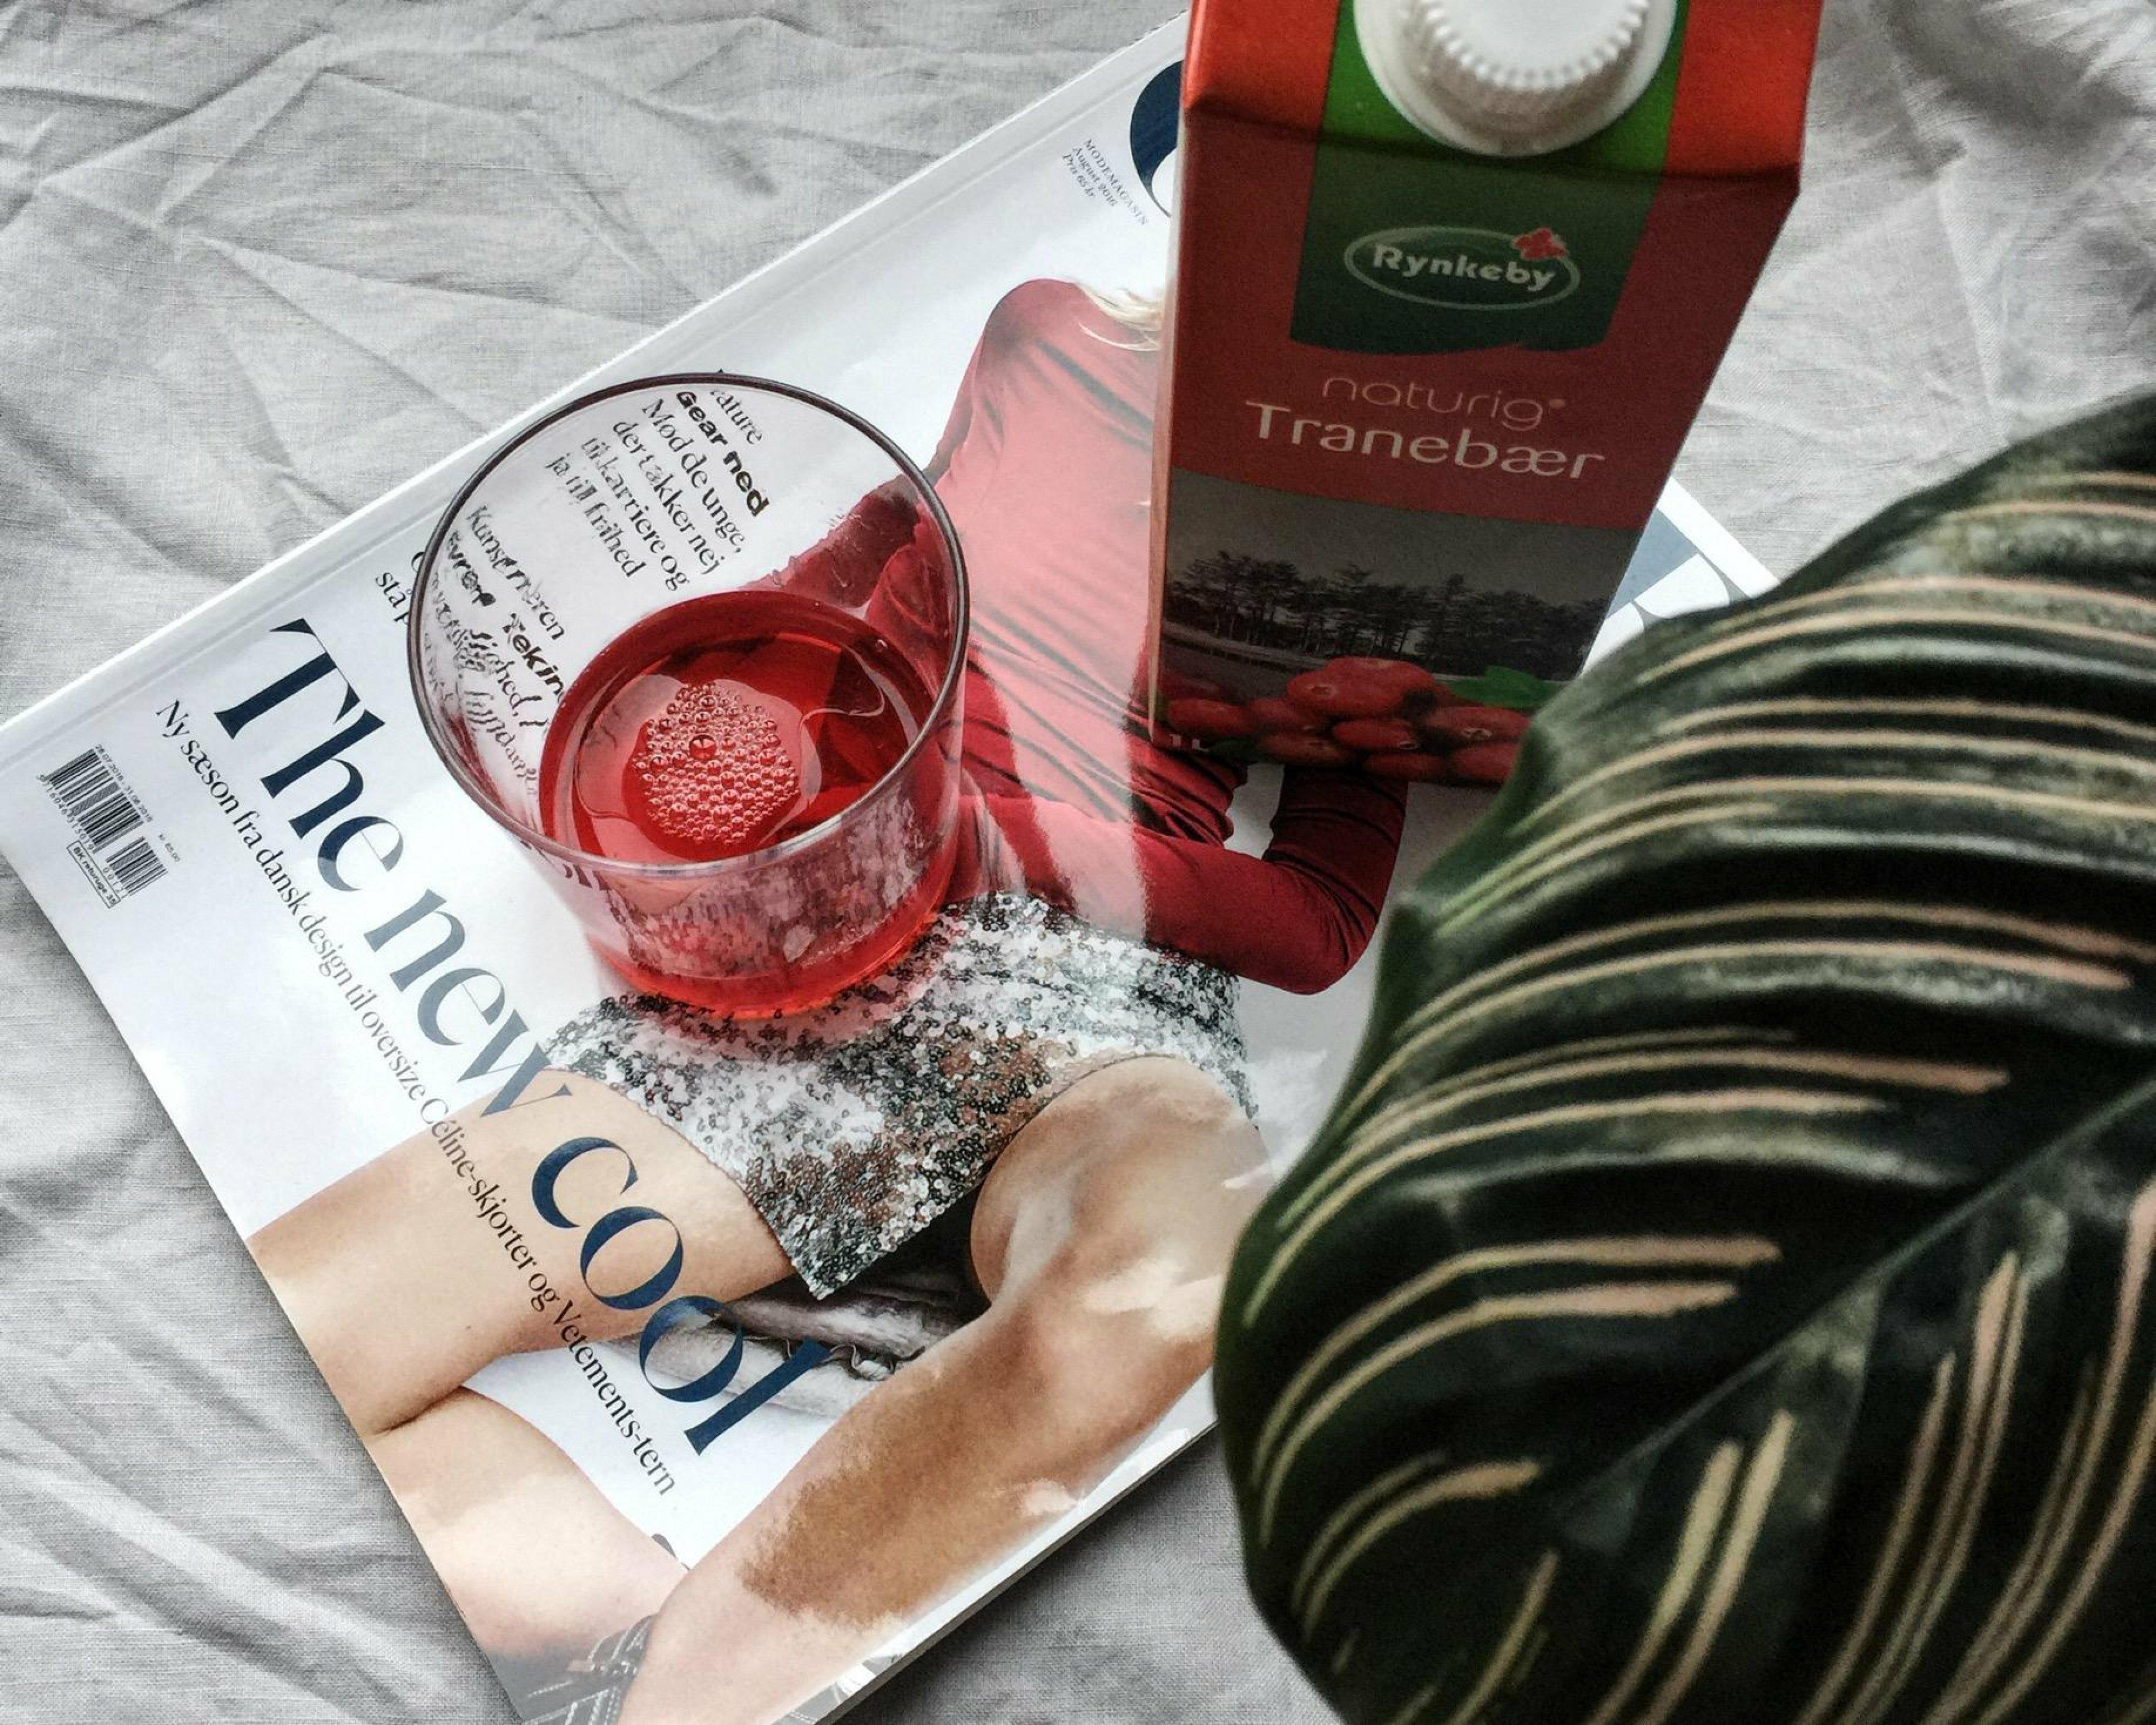 Tranebærsaft, blærebetændelse og husmorråd | Aniston